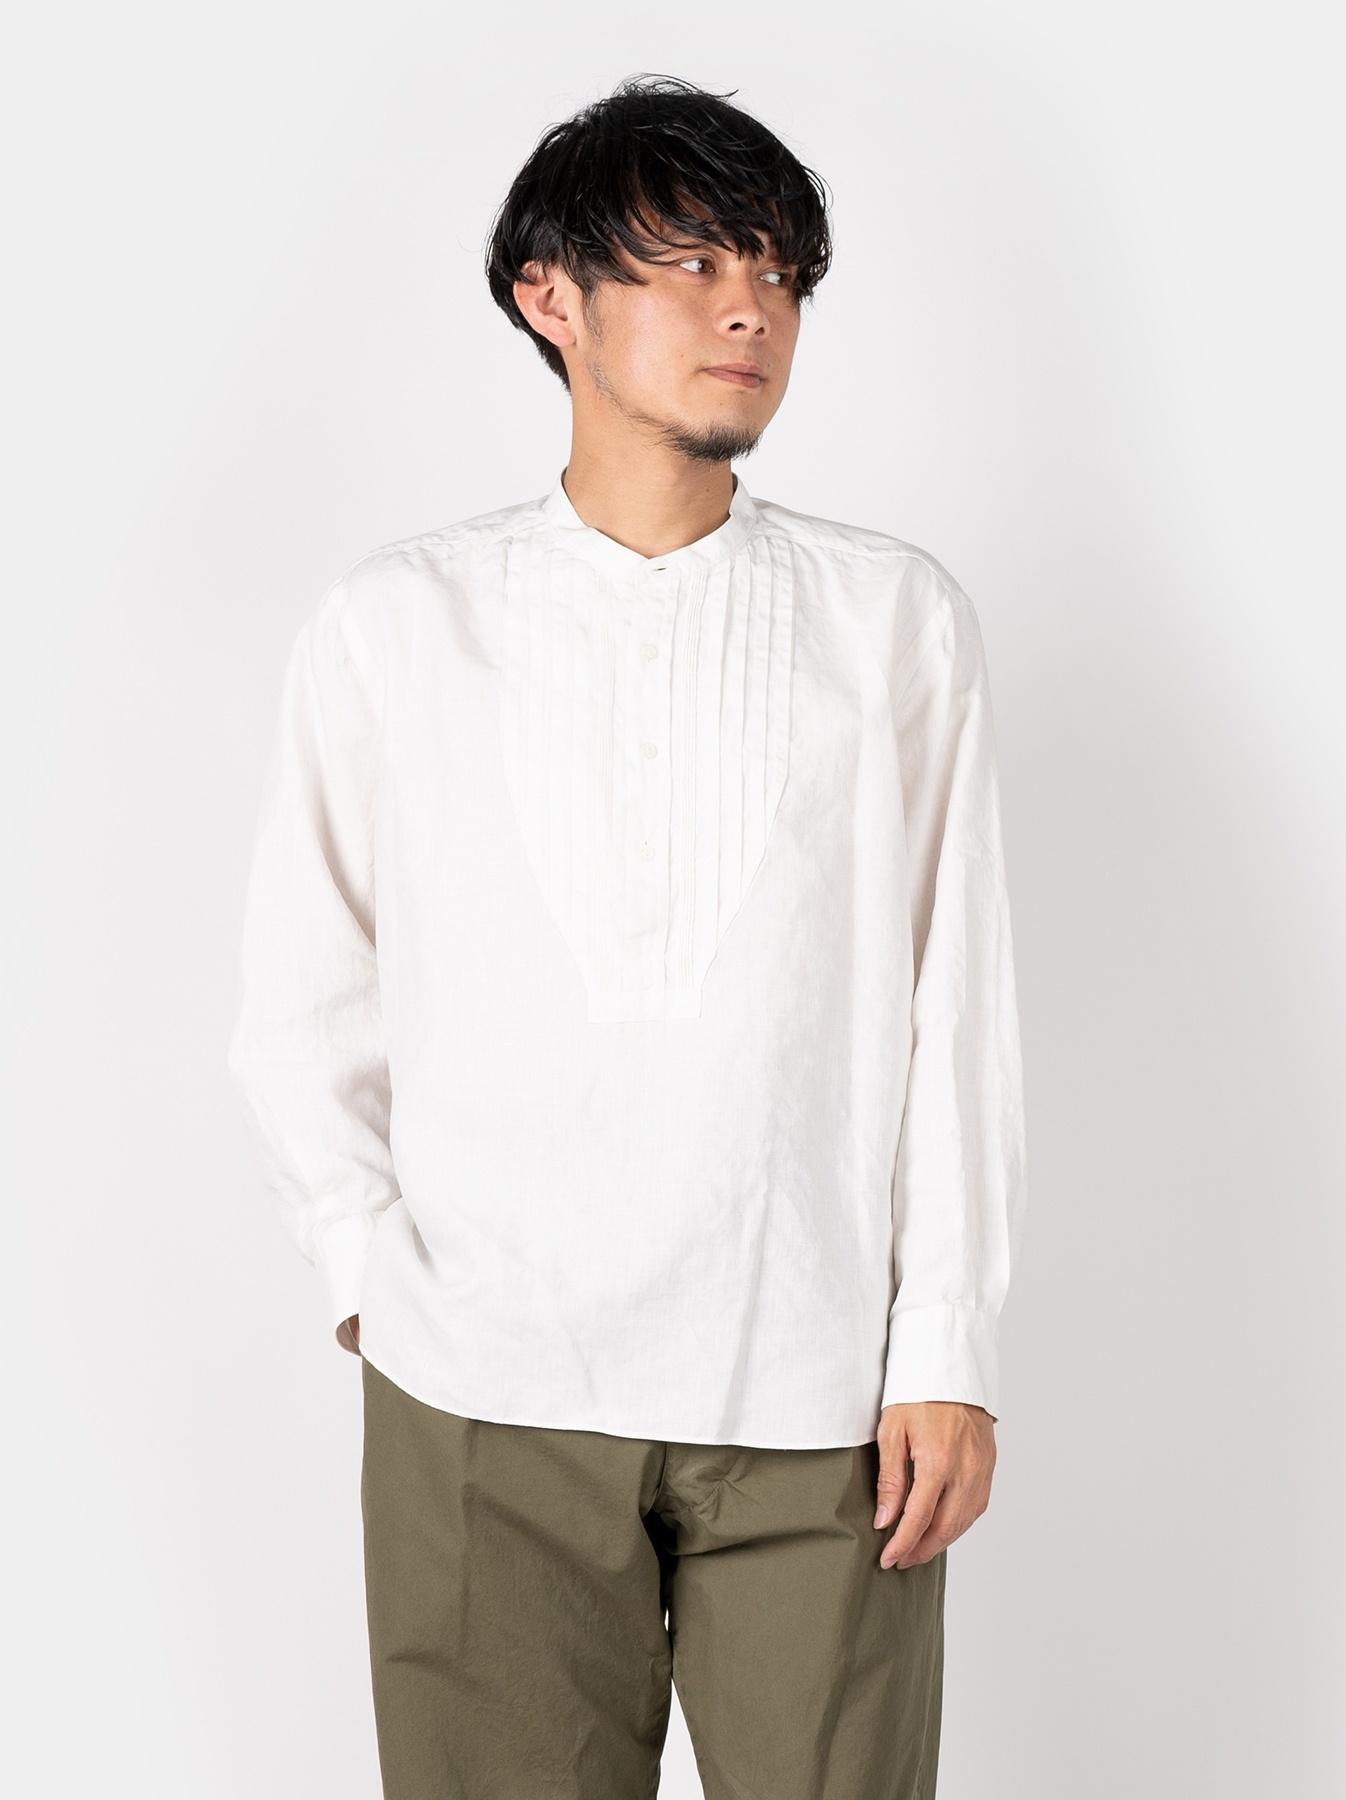 WH Linen Pin-tuck 908 Shirt-3